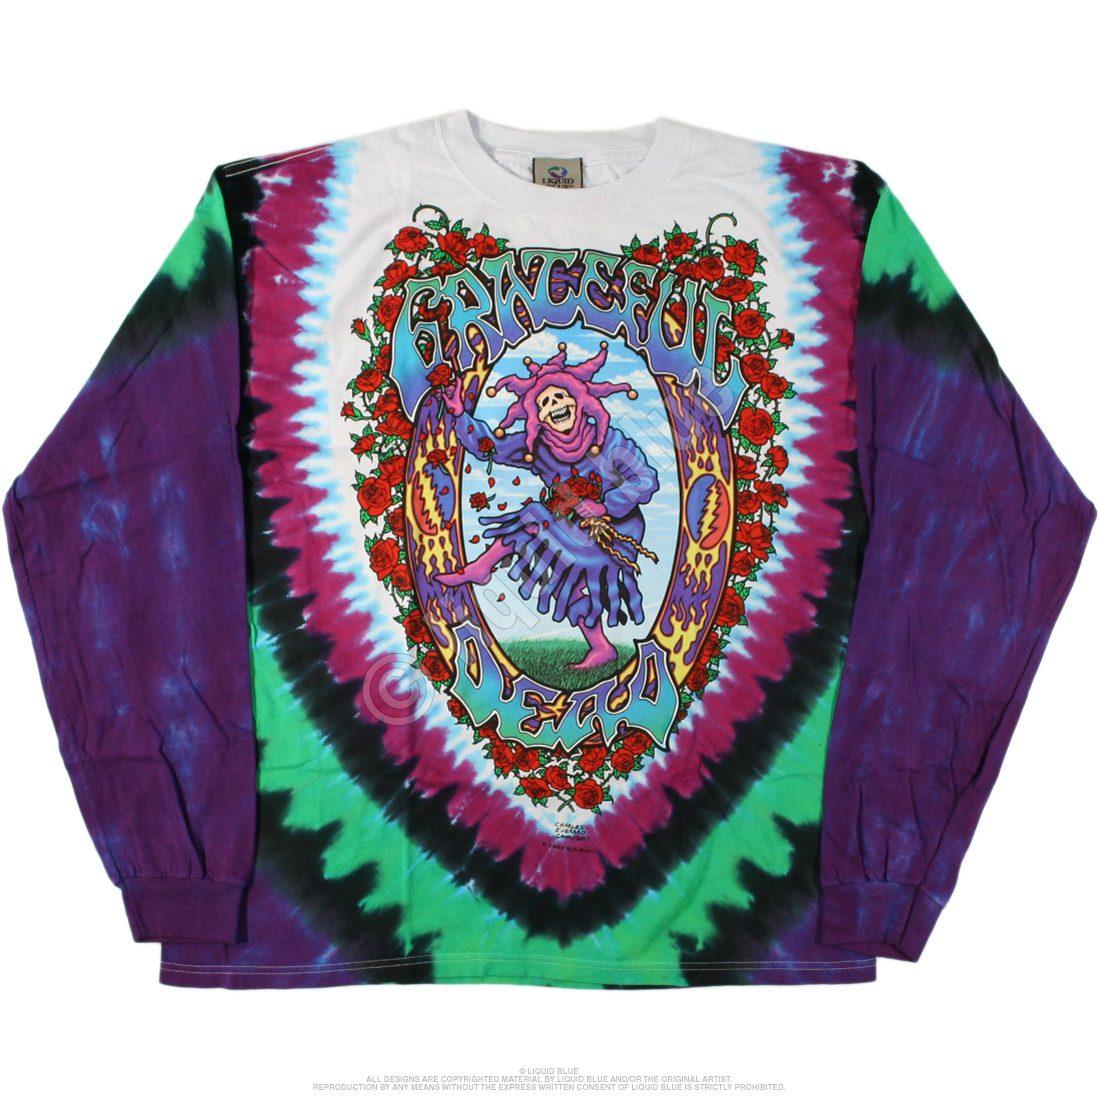 Grateful Dead Summer Tour Bus Tie Dye T Shirt – Have to Have It Co